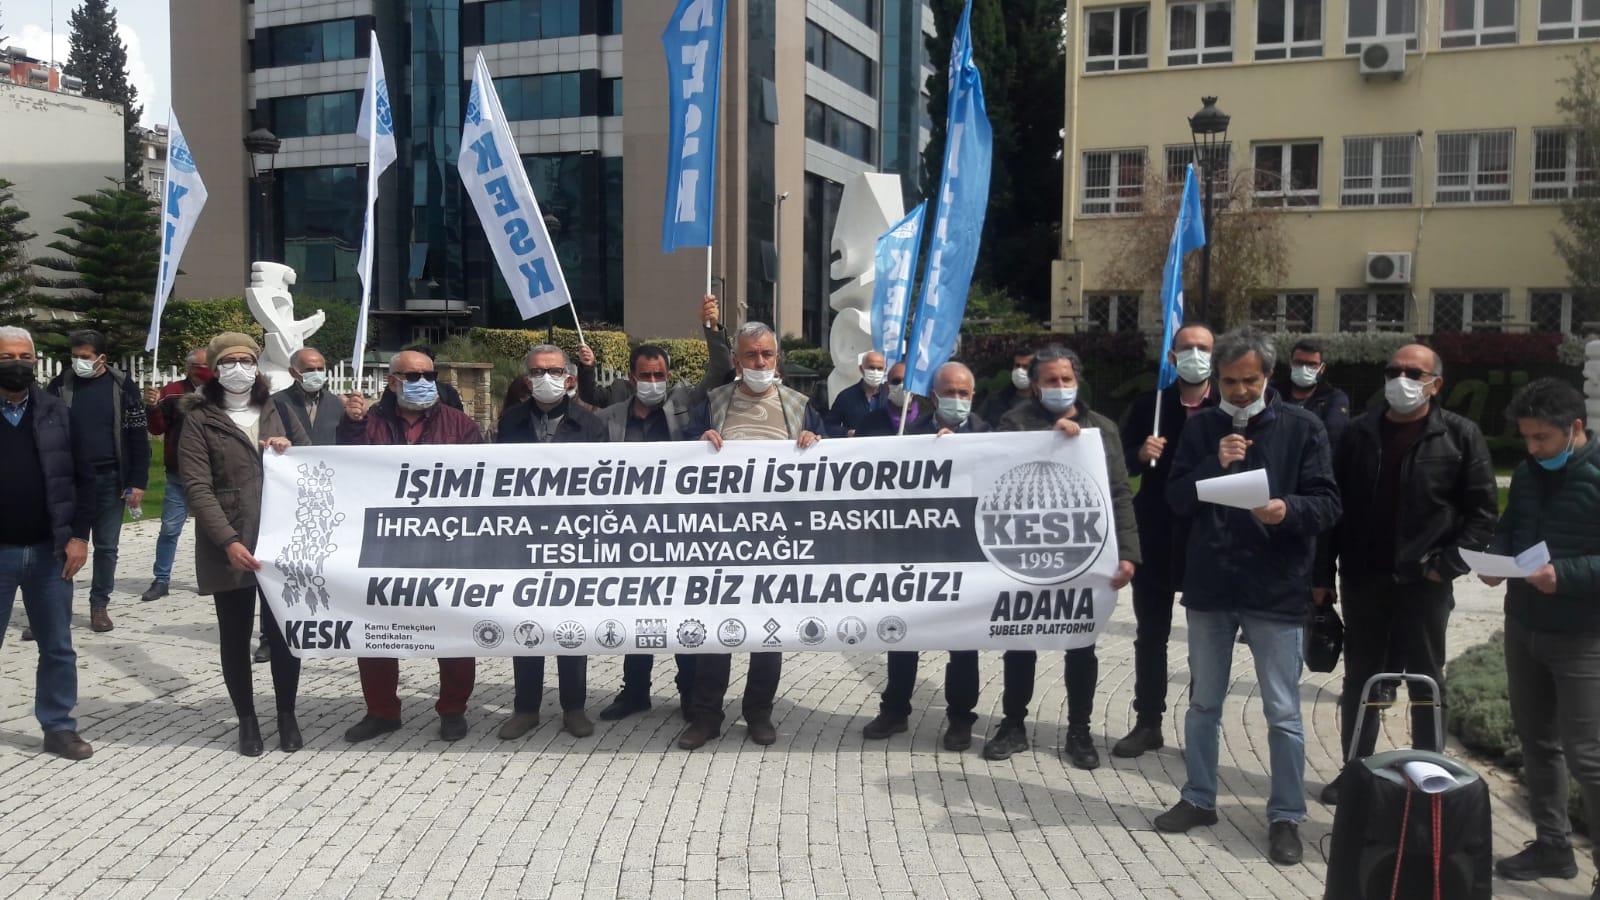 Çalışma Hakkımı/İşimi İstiyorum Yürüyüşüne Destek Açıklaması Yapan KESK Adana Şubeler Platformu: Biat Etmedik, Etmeyeceğiz!